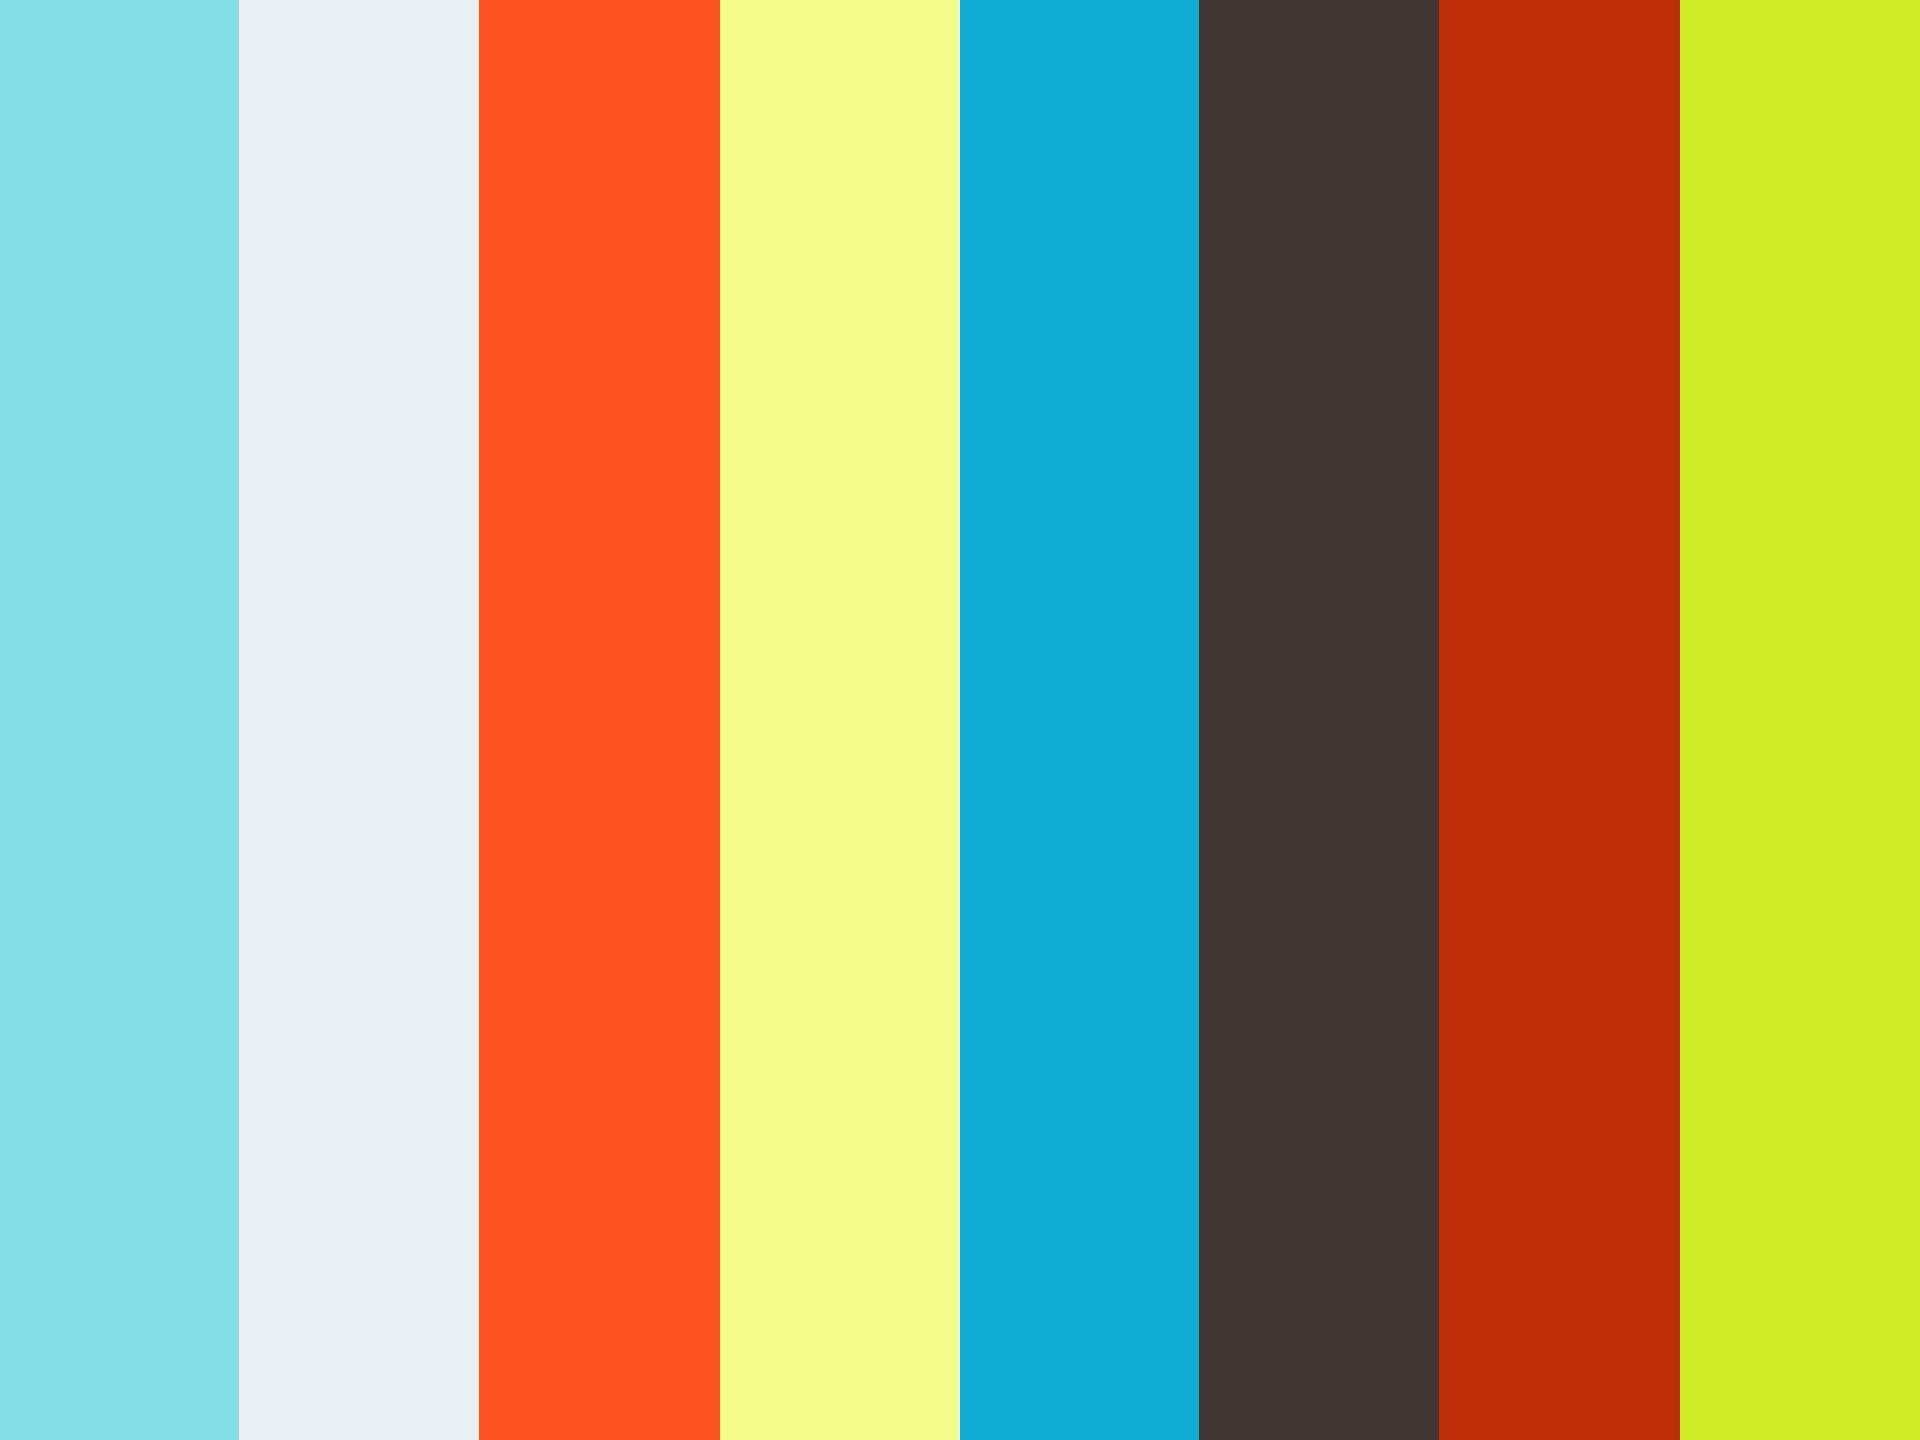 Μένω σπίτι και μαθαίνω | Προδημοτική | Γλώσσα (Η λέξη μητέρα) 8/5/20 Επ. 25